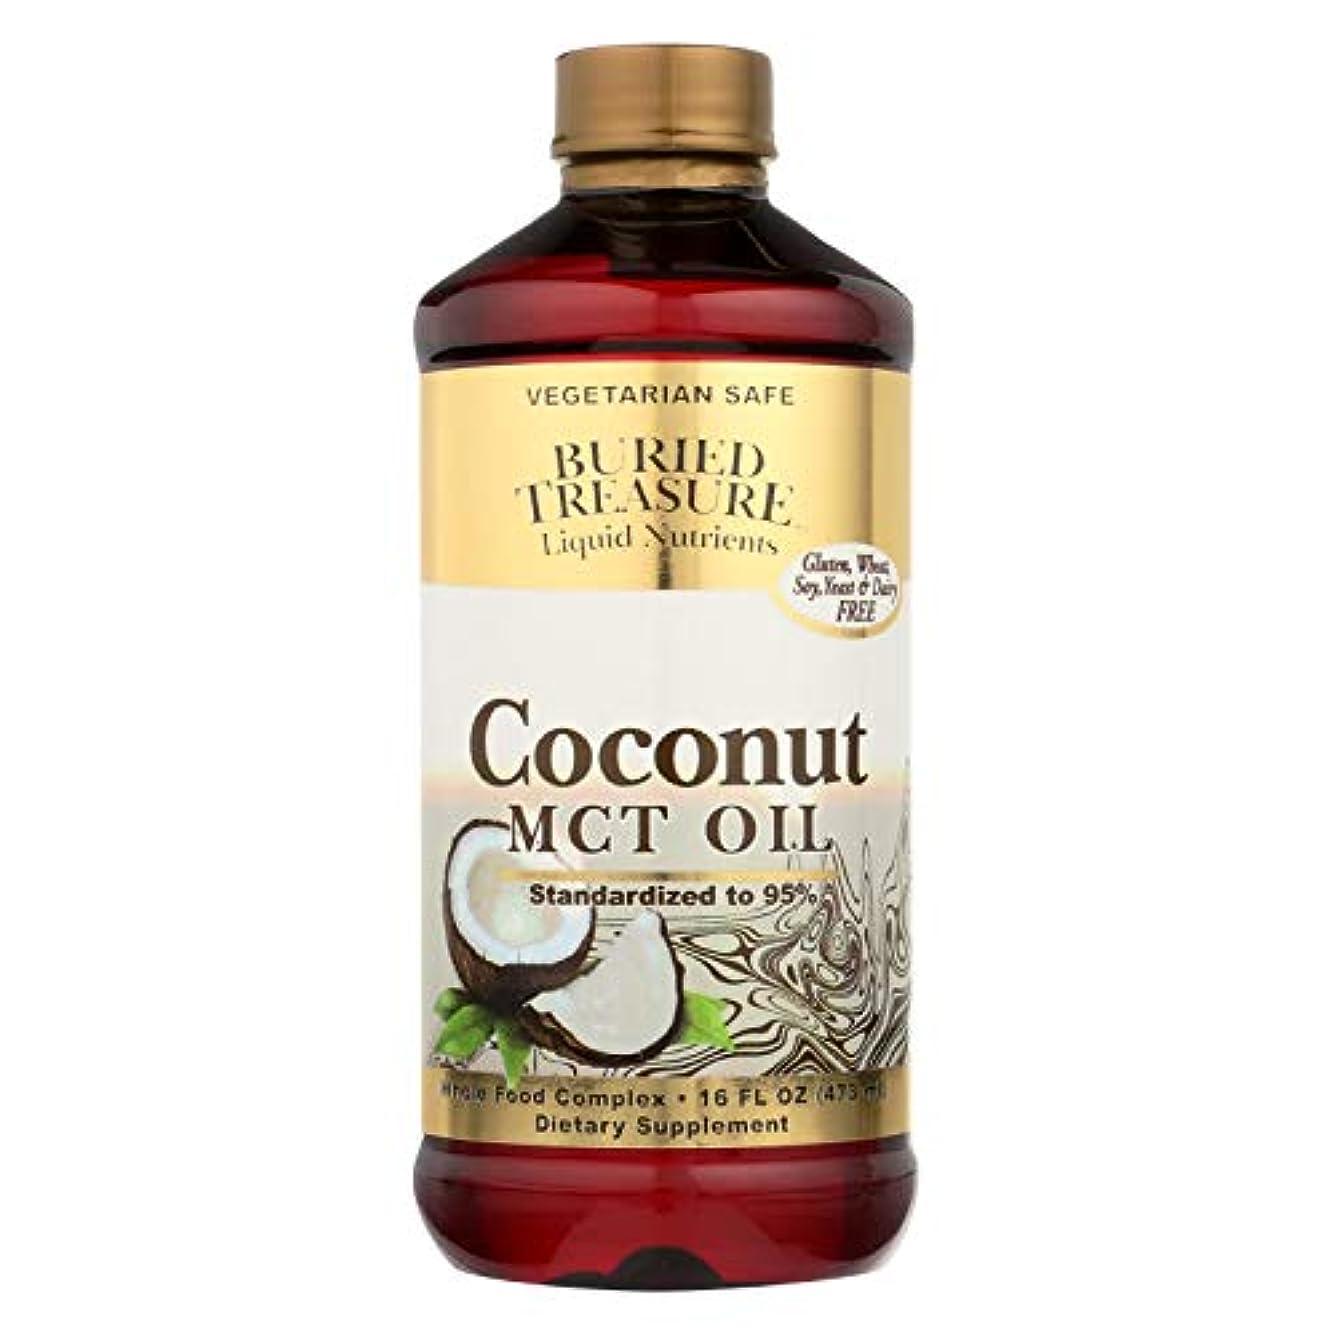 ゆりかご悪意のある投資海外直送品Coconut Oil MCT, 16 oz by Buried Treasure